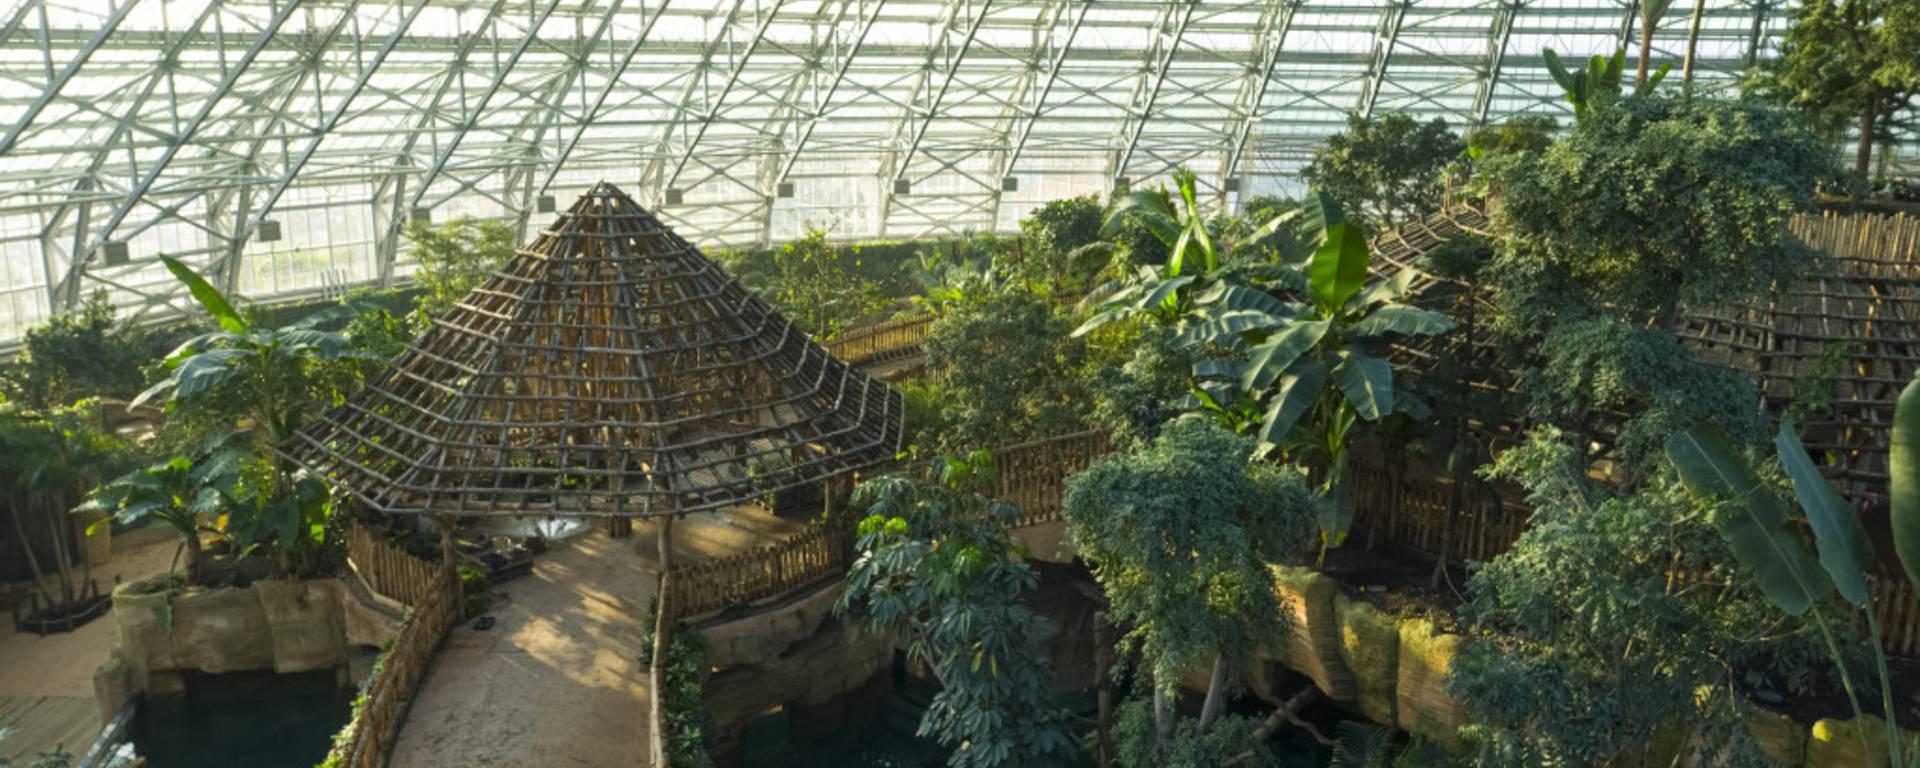 Intérieur de la serre géante du zooparc de Beauval